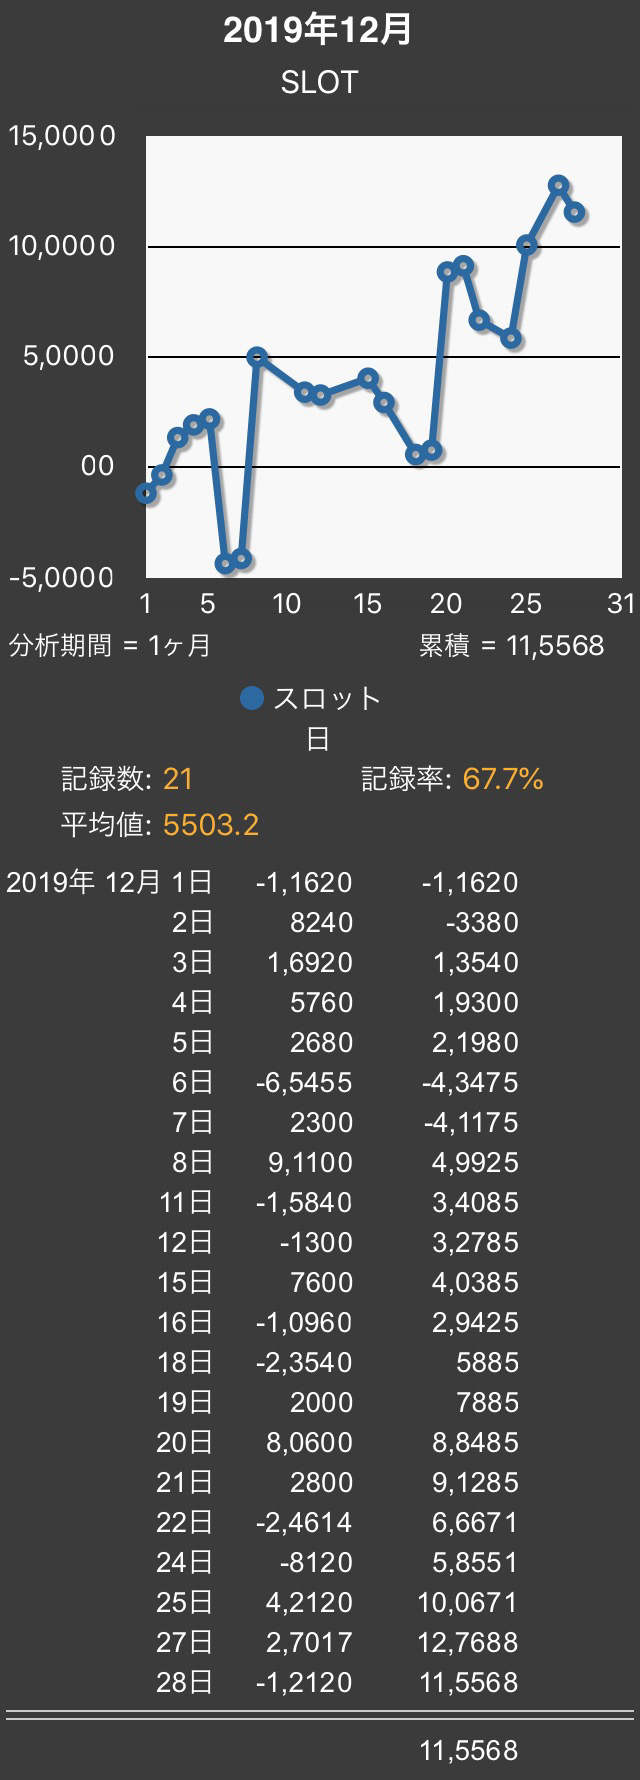 2019.12月まとめ3l